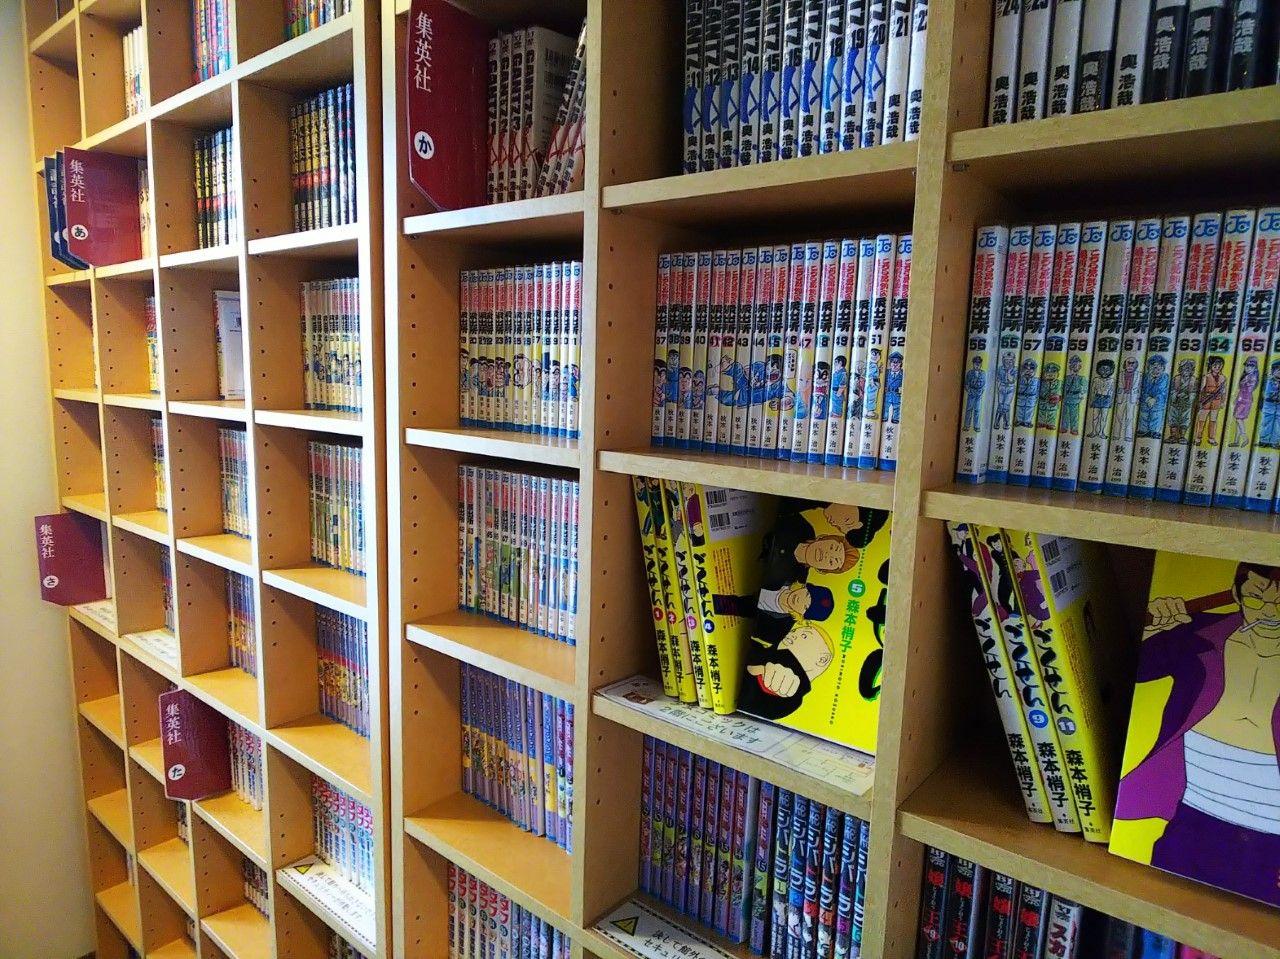 コミックの蔵書が約3,800冊!読み応え有り過ぎです